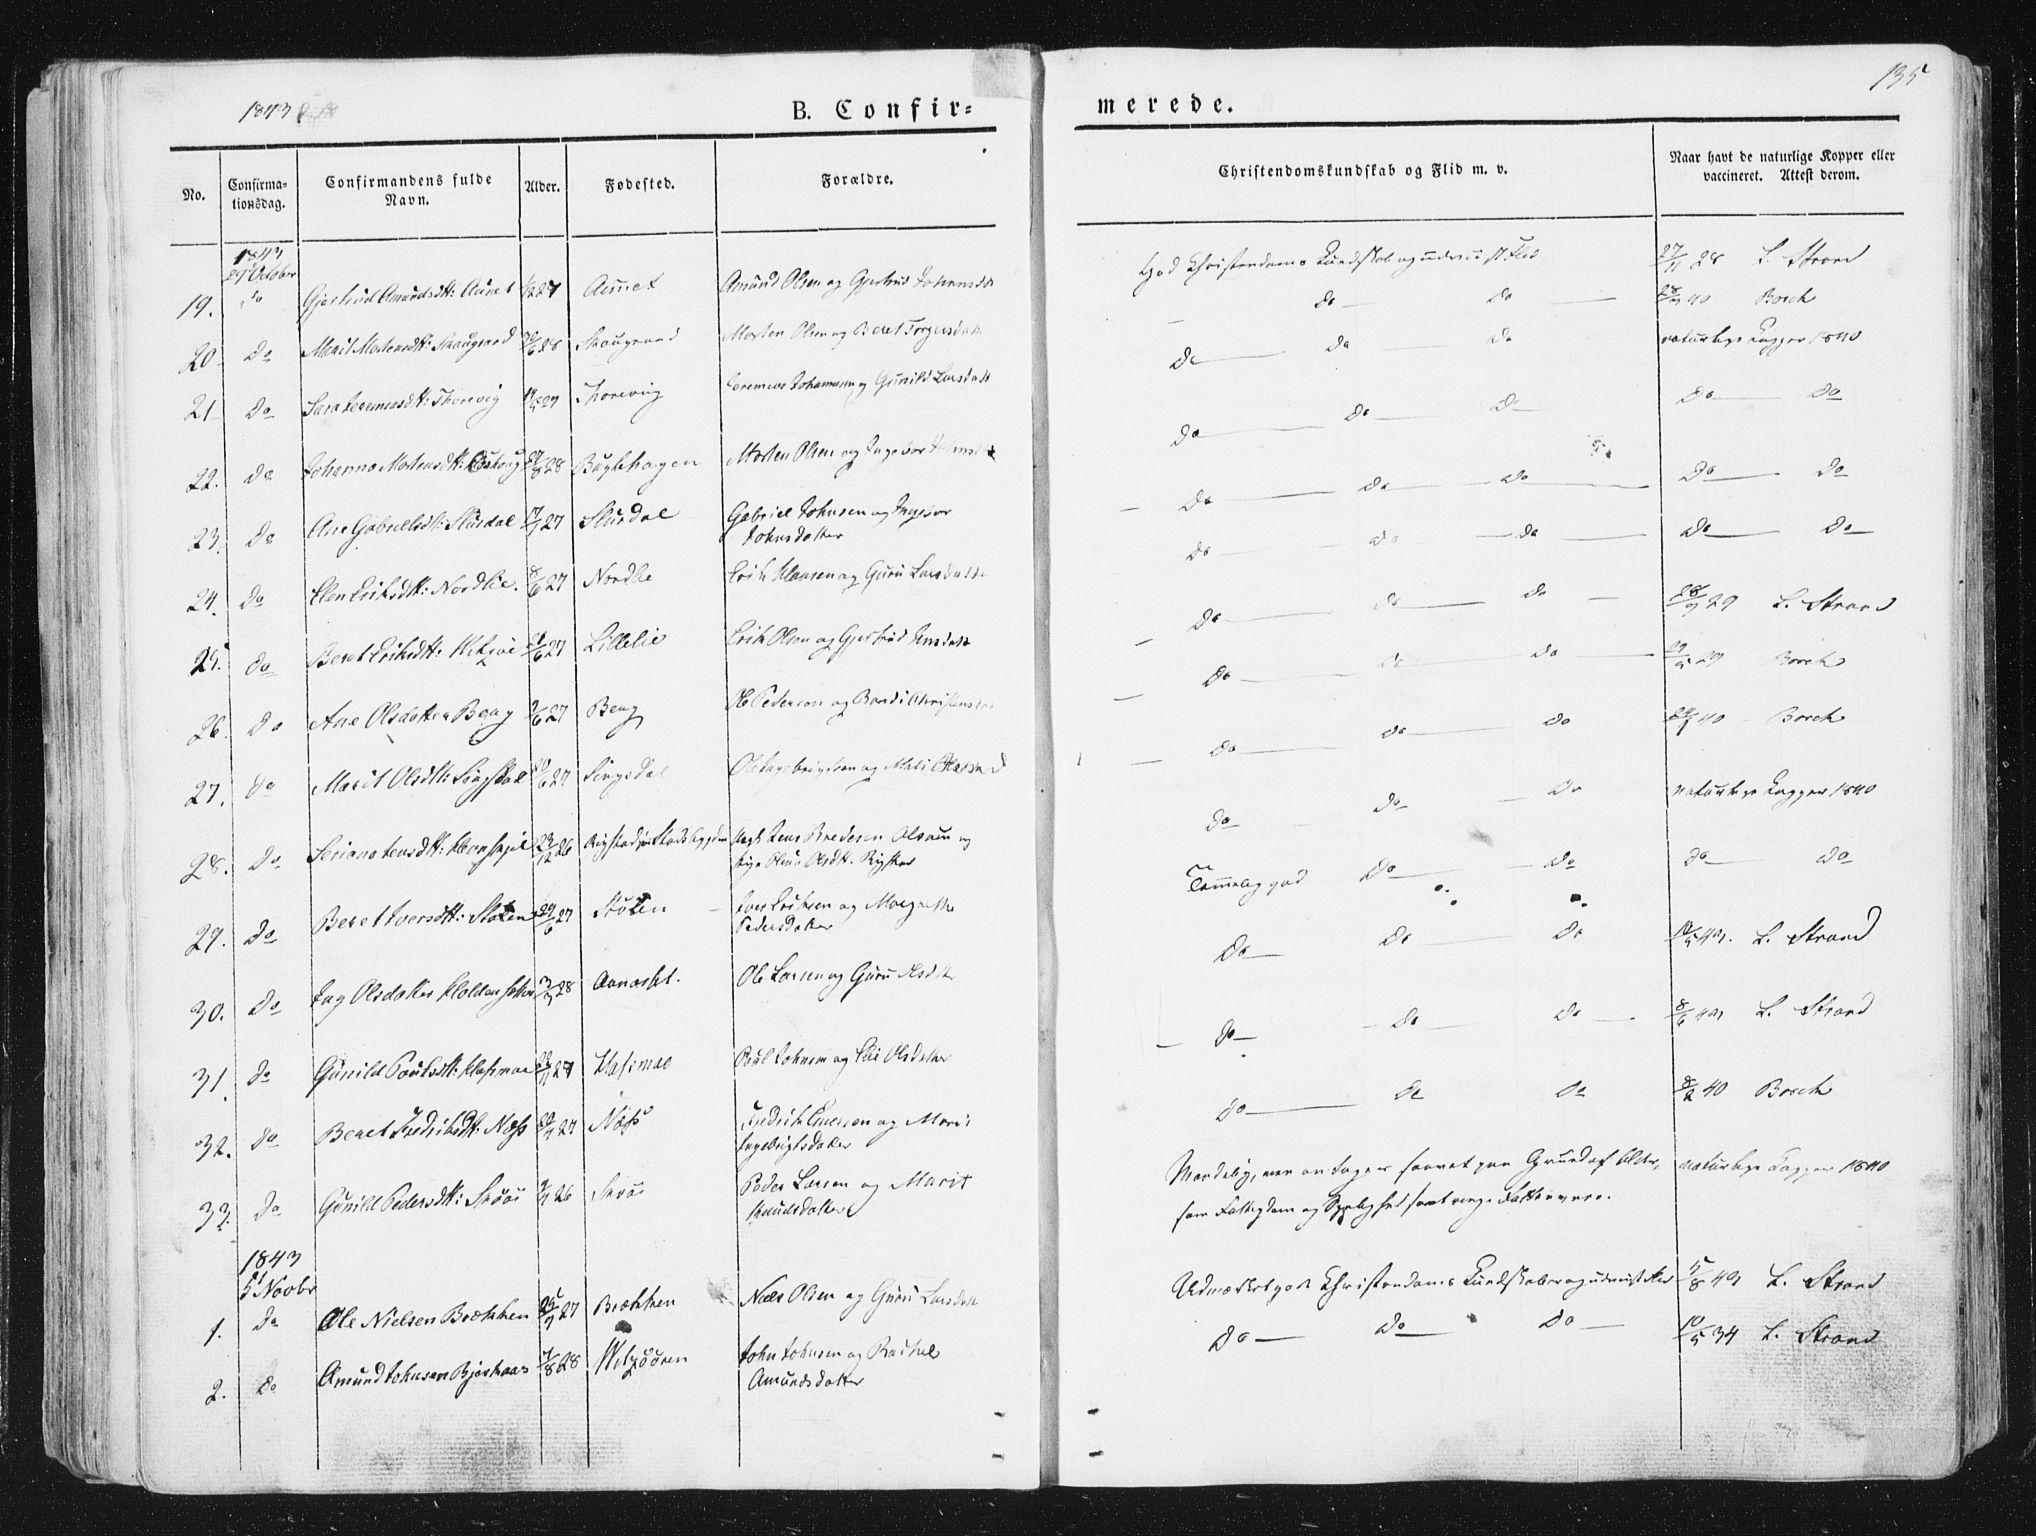 SAT, Ministerialprotokoller, klokkerbøker og fødselsregistre - Sør-Trøndelag, 630/L0493: Ministerialbok nr. 630A06, 1841-1851, s. 135